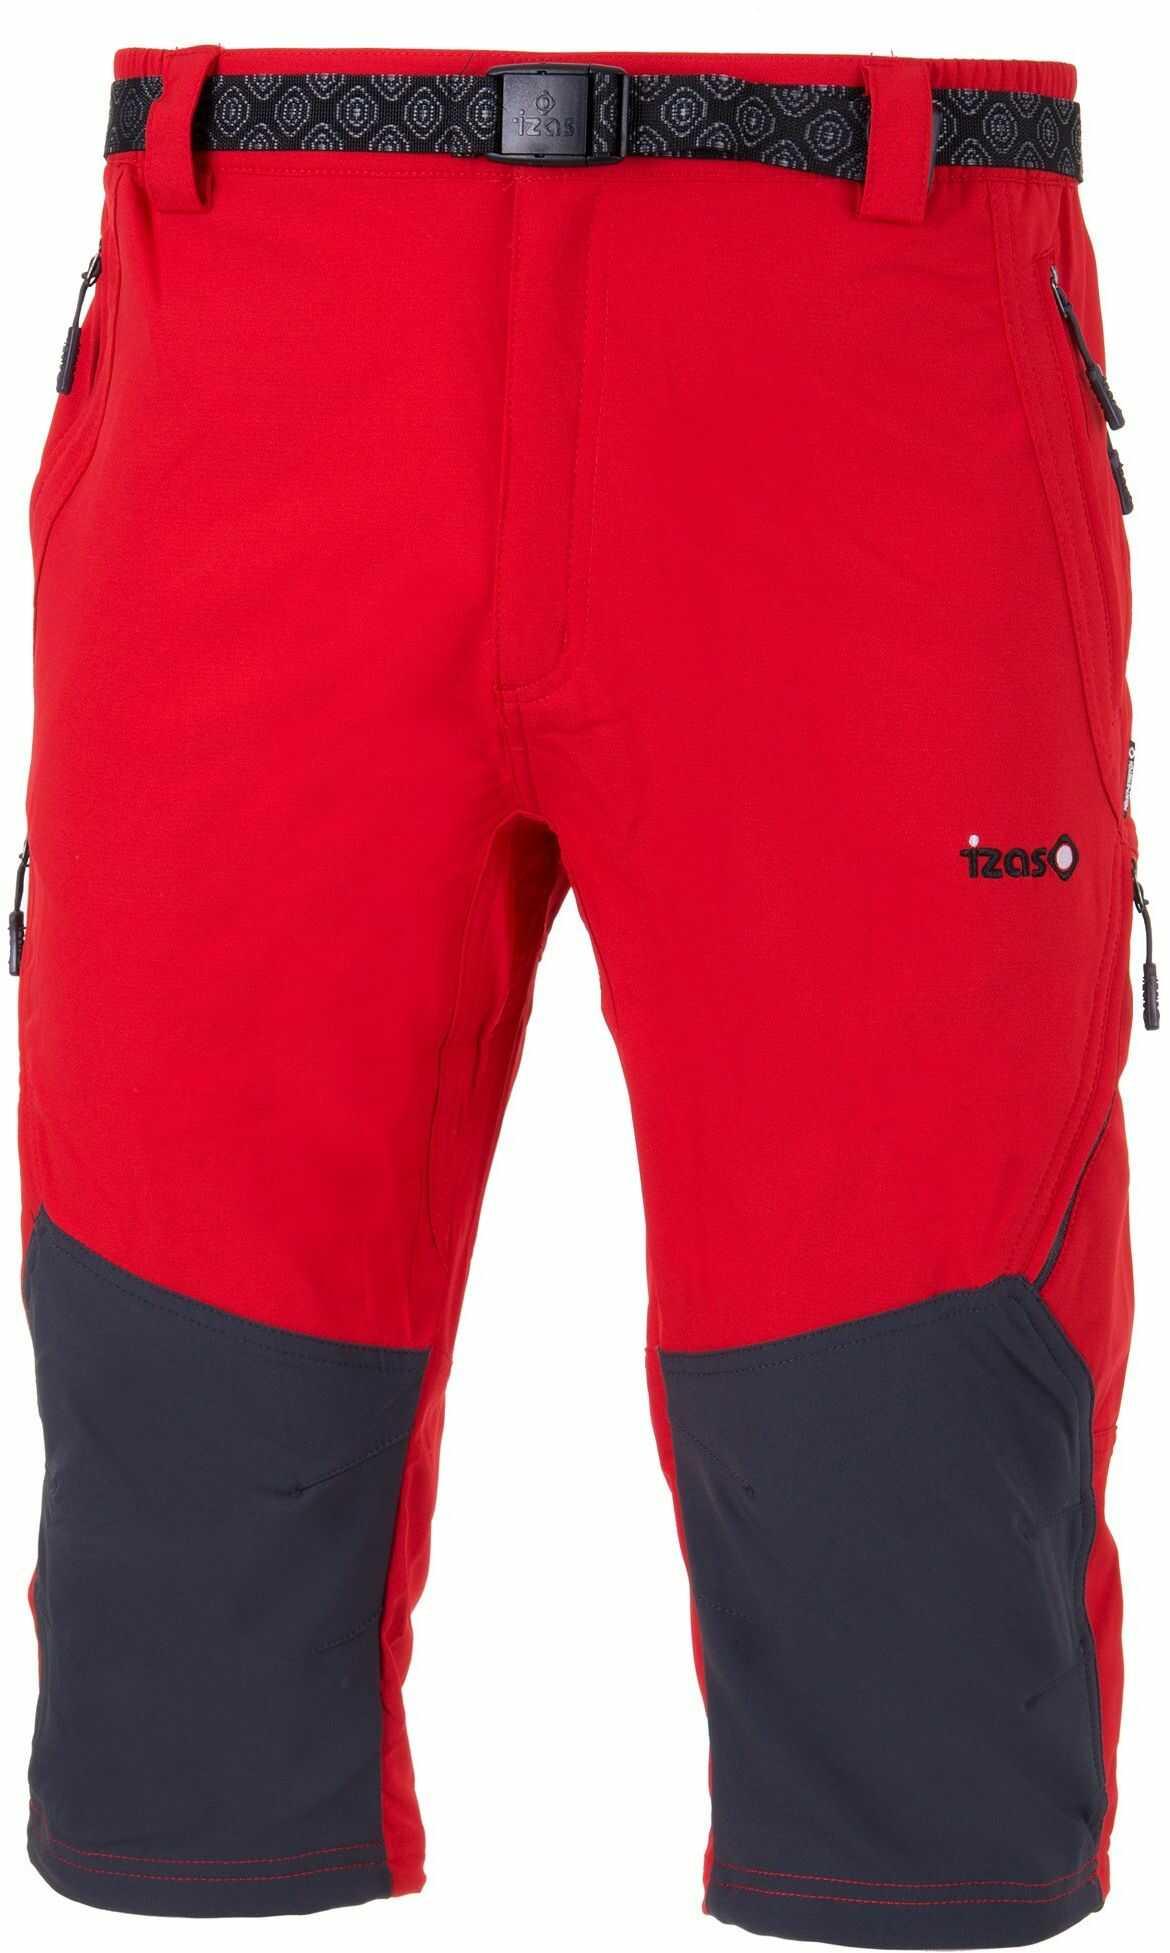 Izas spodnie Capri Lsogar czerwone/ciemnoszare XL